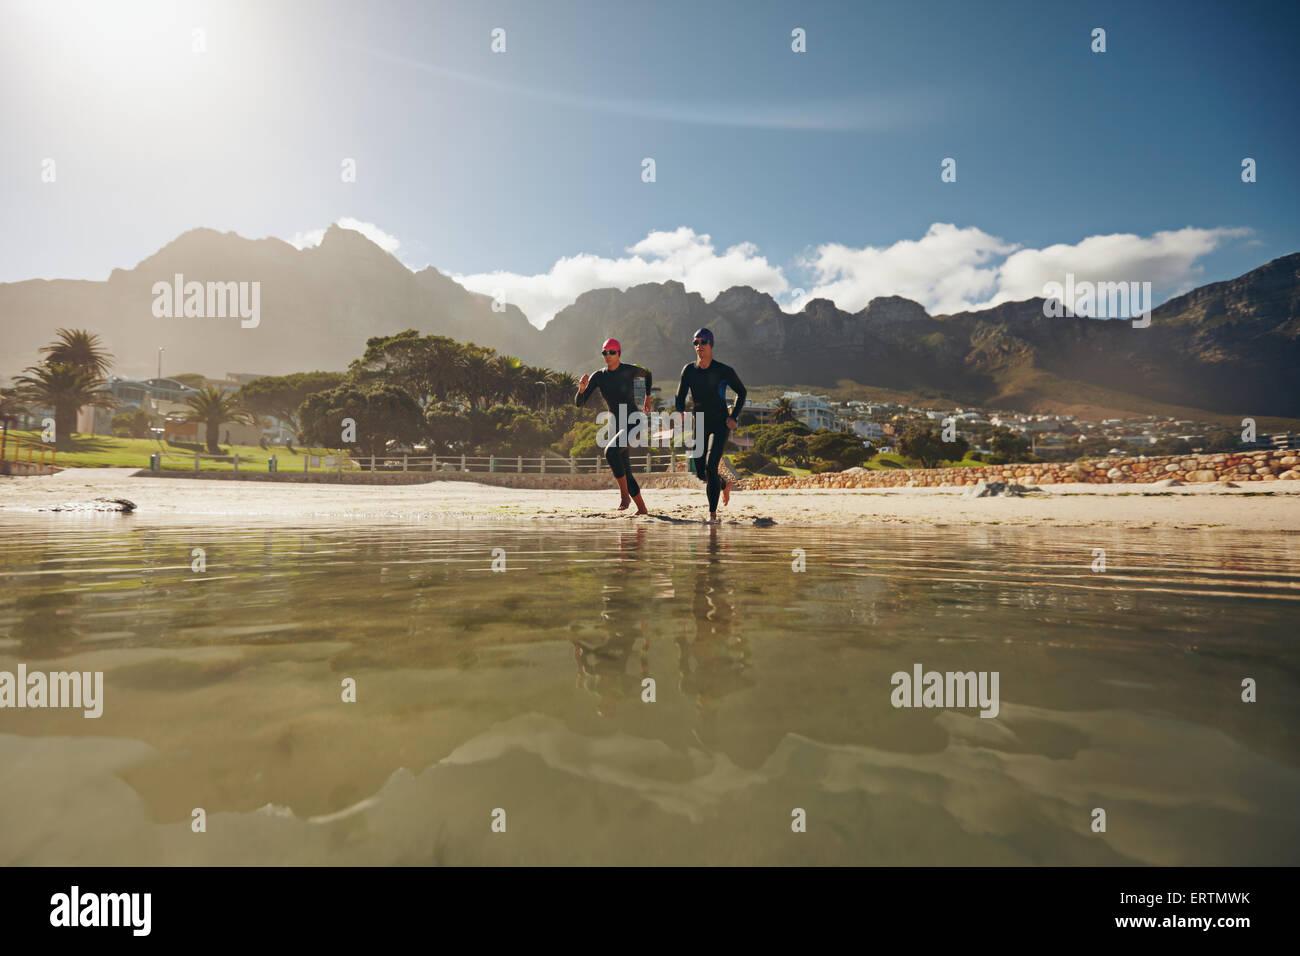 Tourné de deux athlètes en marche dans l'eau, la pratique de la compétition pour le triathlon. Photo Stock